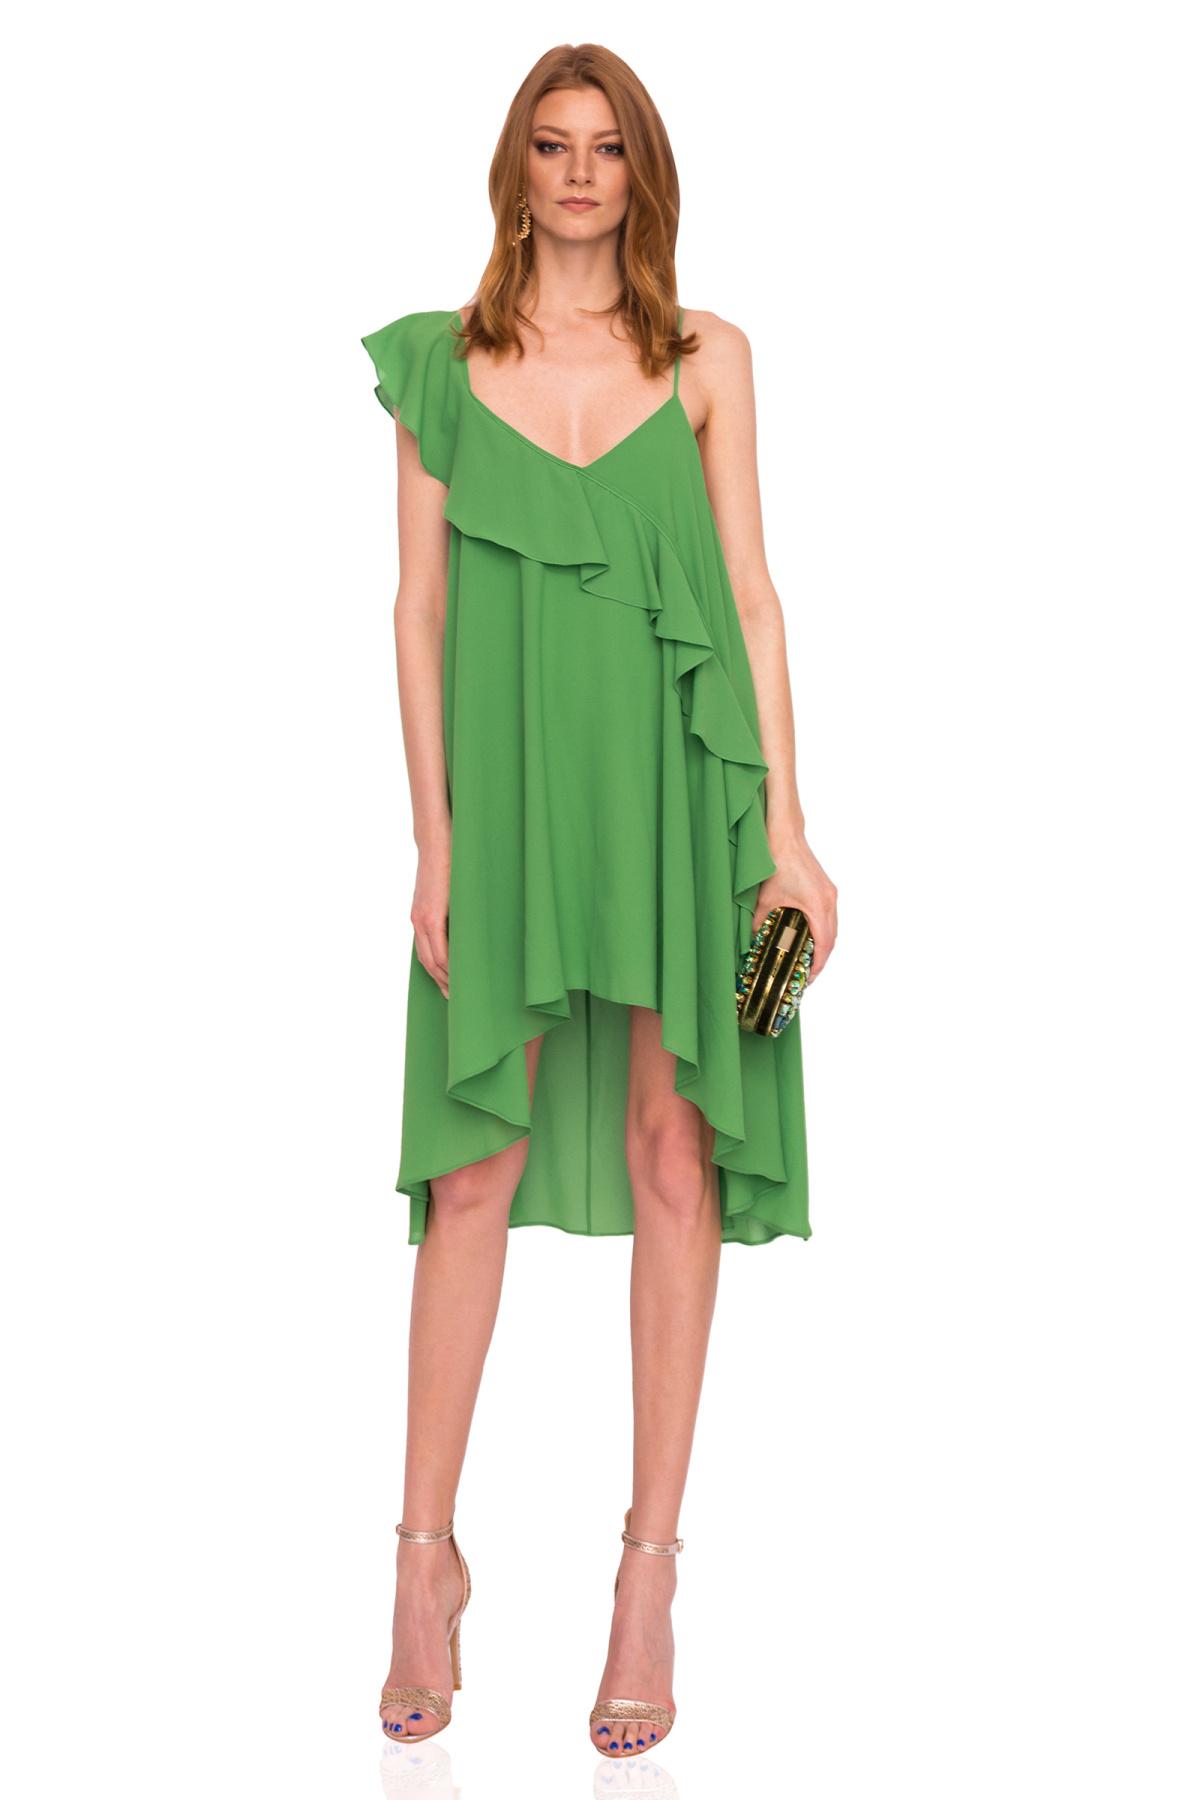 f0b772f235 Asymetryczna zielona sukienka z falbankami